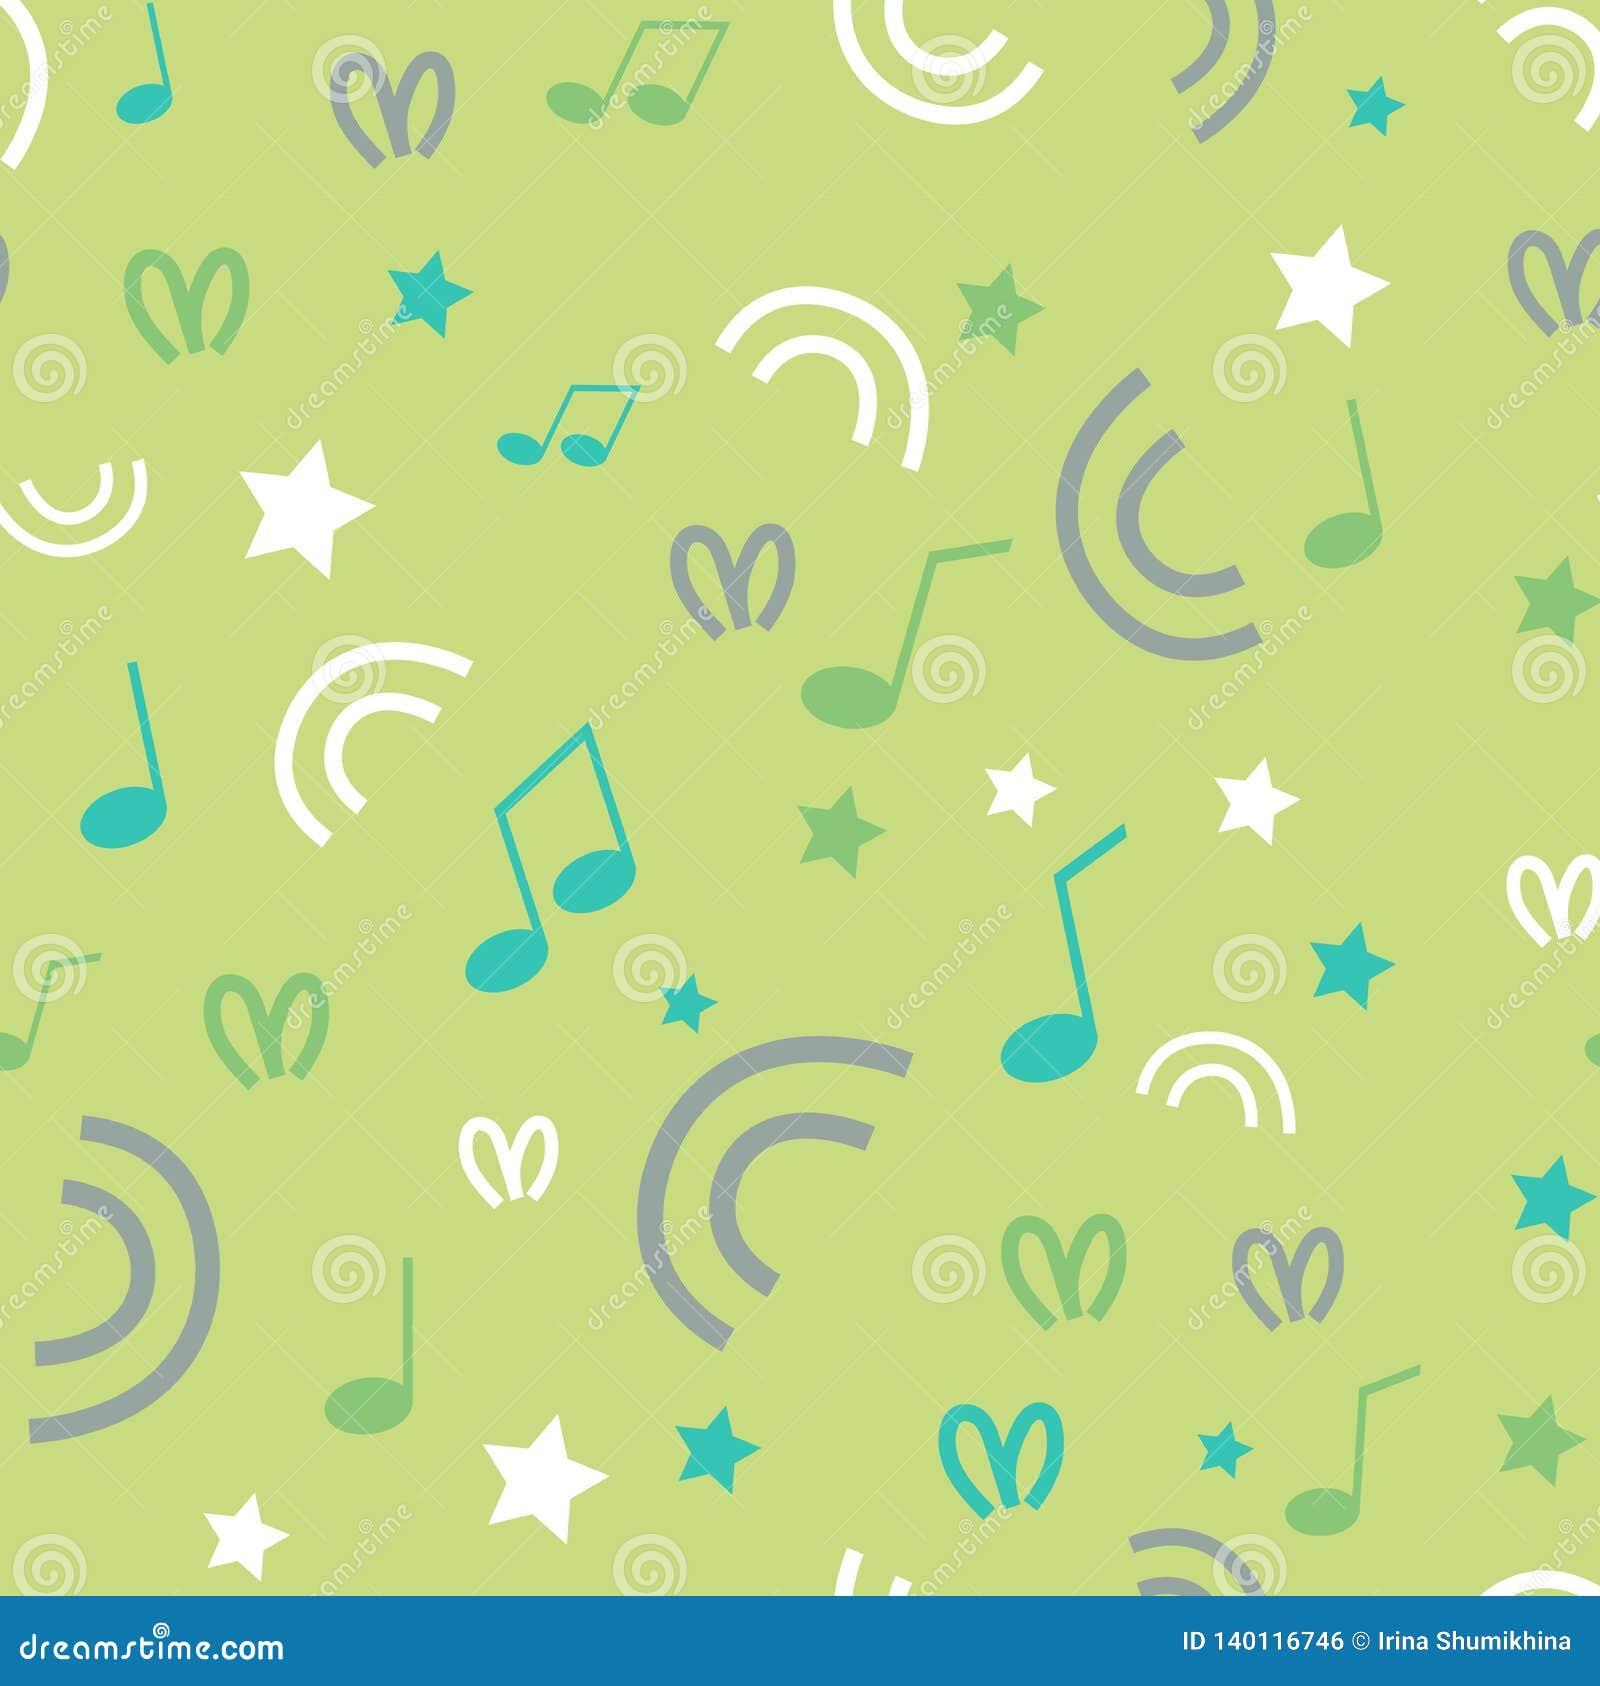 Άνευ ραφής υπόβαθρο με τα αστέρια, στρόβιλοι, σημεία, μουσικές νότες στο πράσινο υπόβαθρο κρητιδογραφιών Σχέδιο ή ταπετσαρία υφάσ